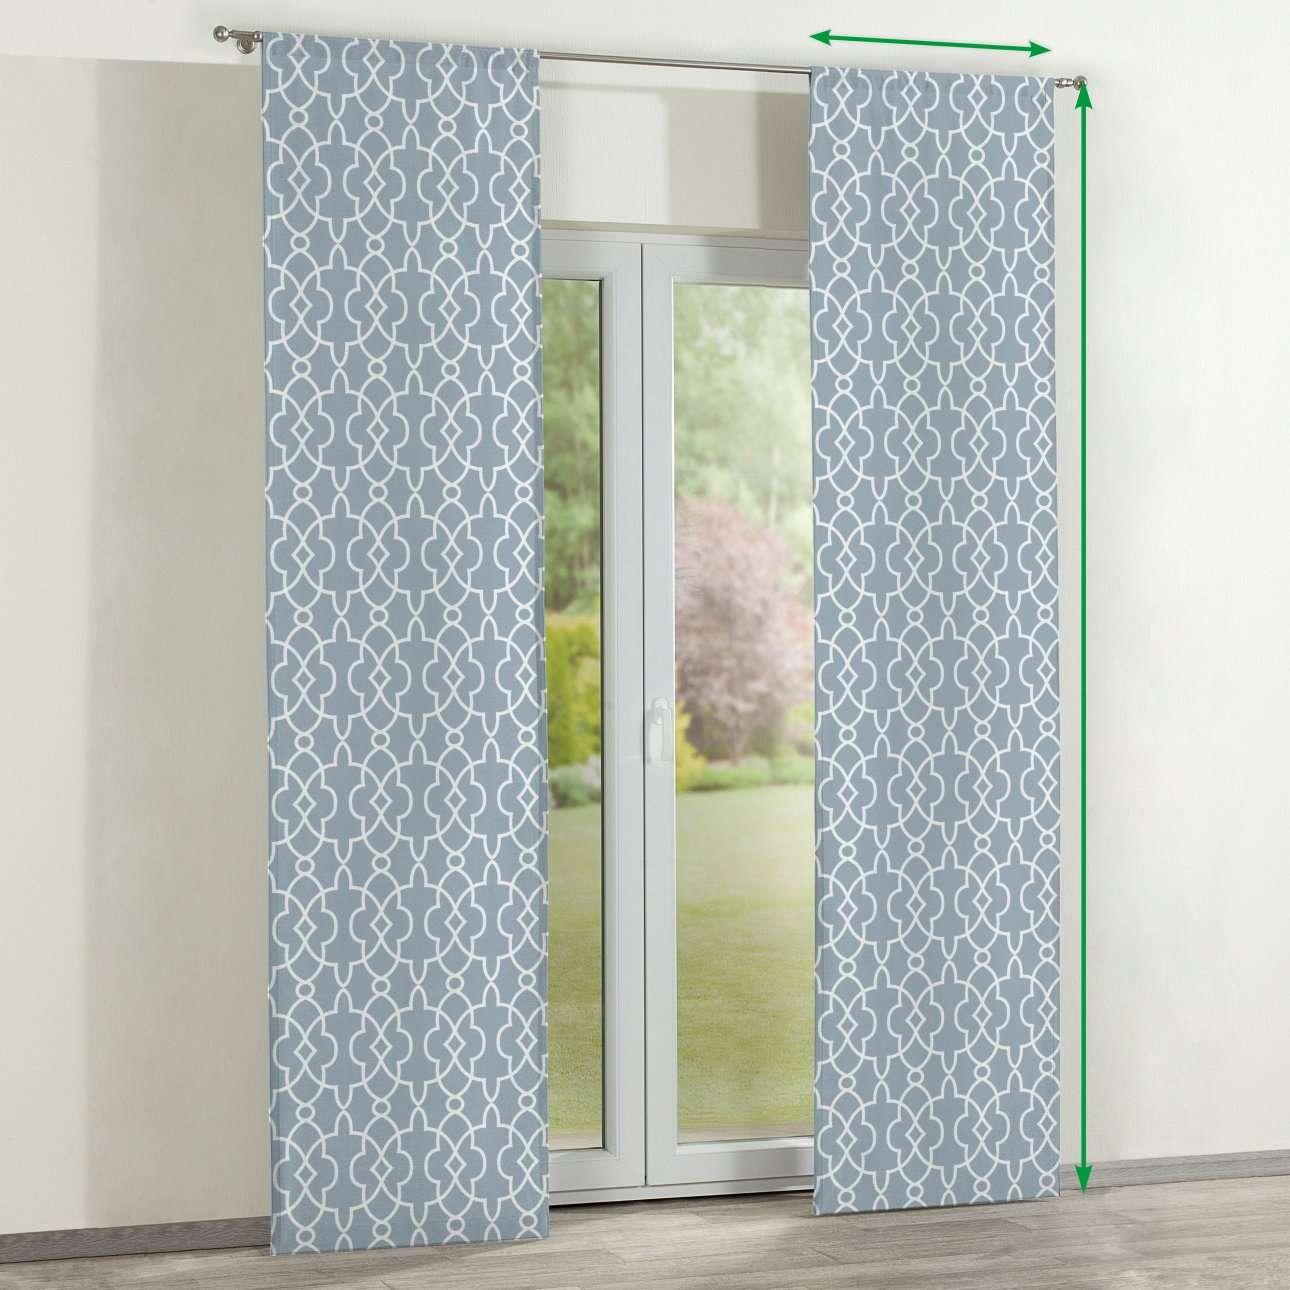 Zasłony panelowe 2 szt. w kolekcji Gardenia, tkanina: 142-22